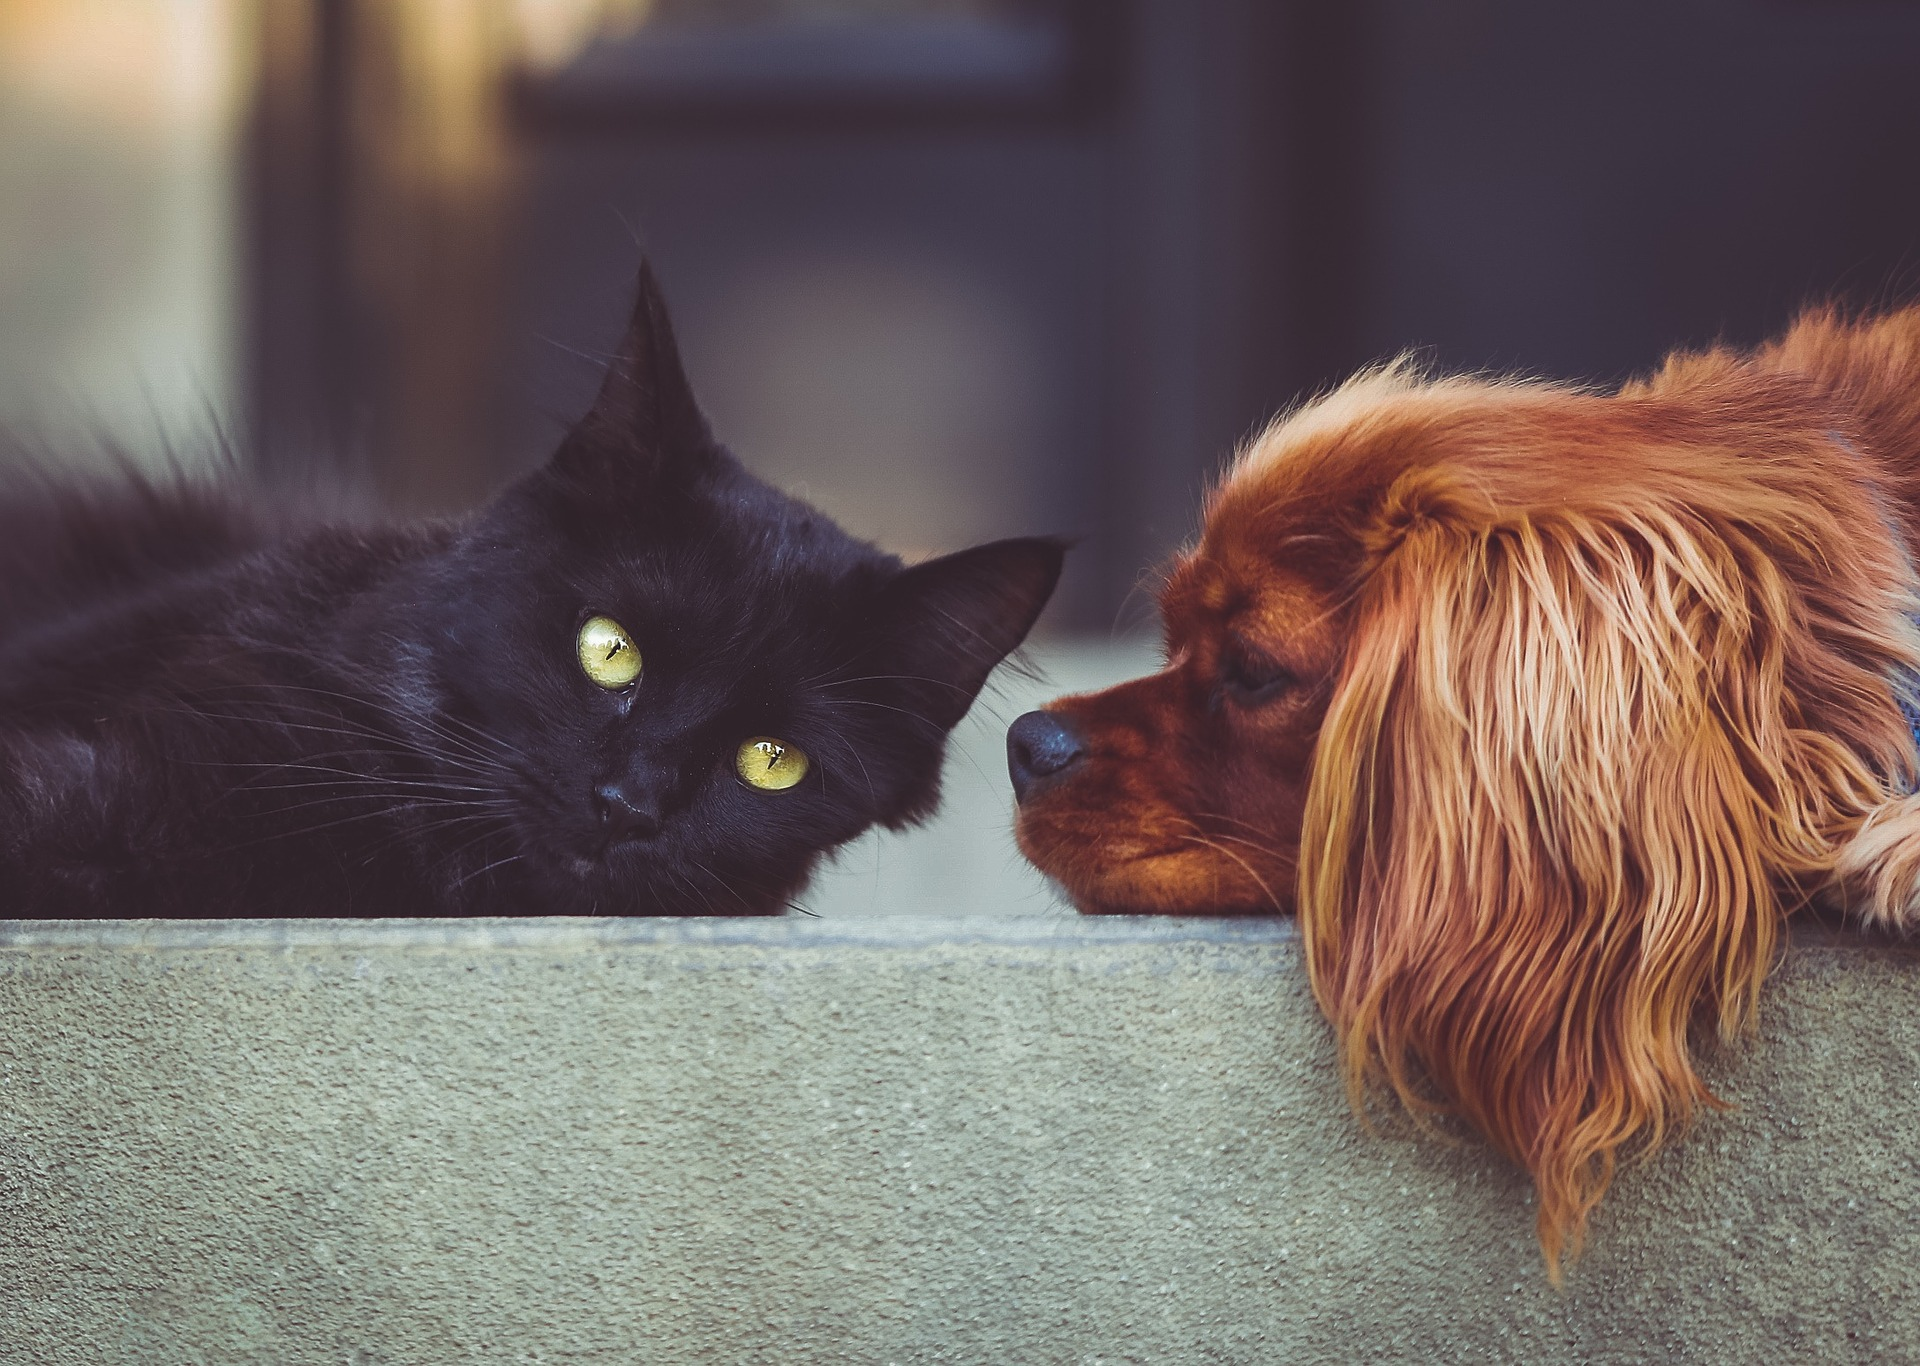 Kæledyr, dyr, hund, kat, hunde, katte, forsikring, agria, dyreforsikring